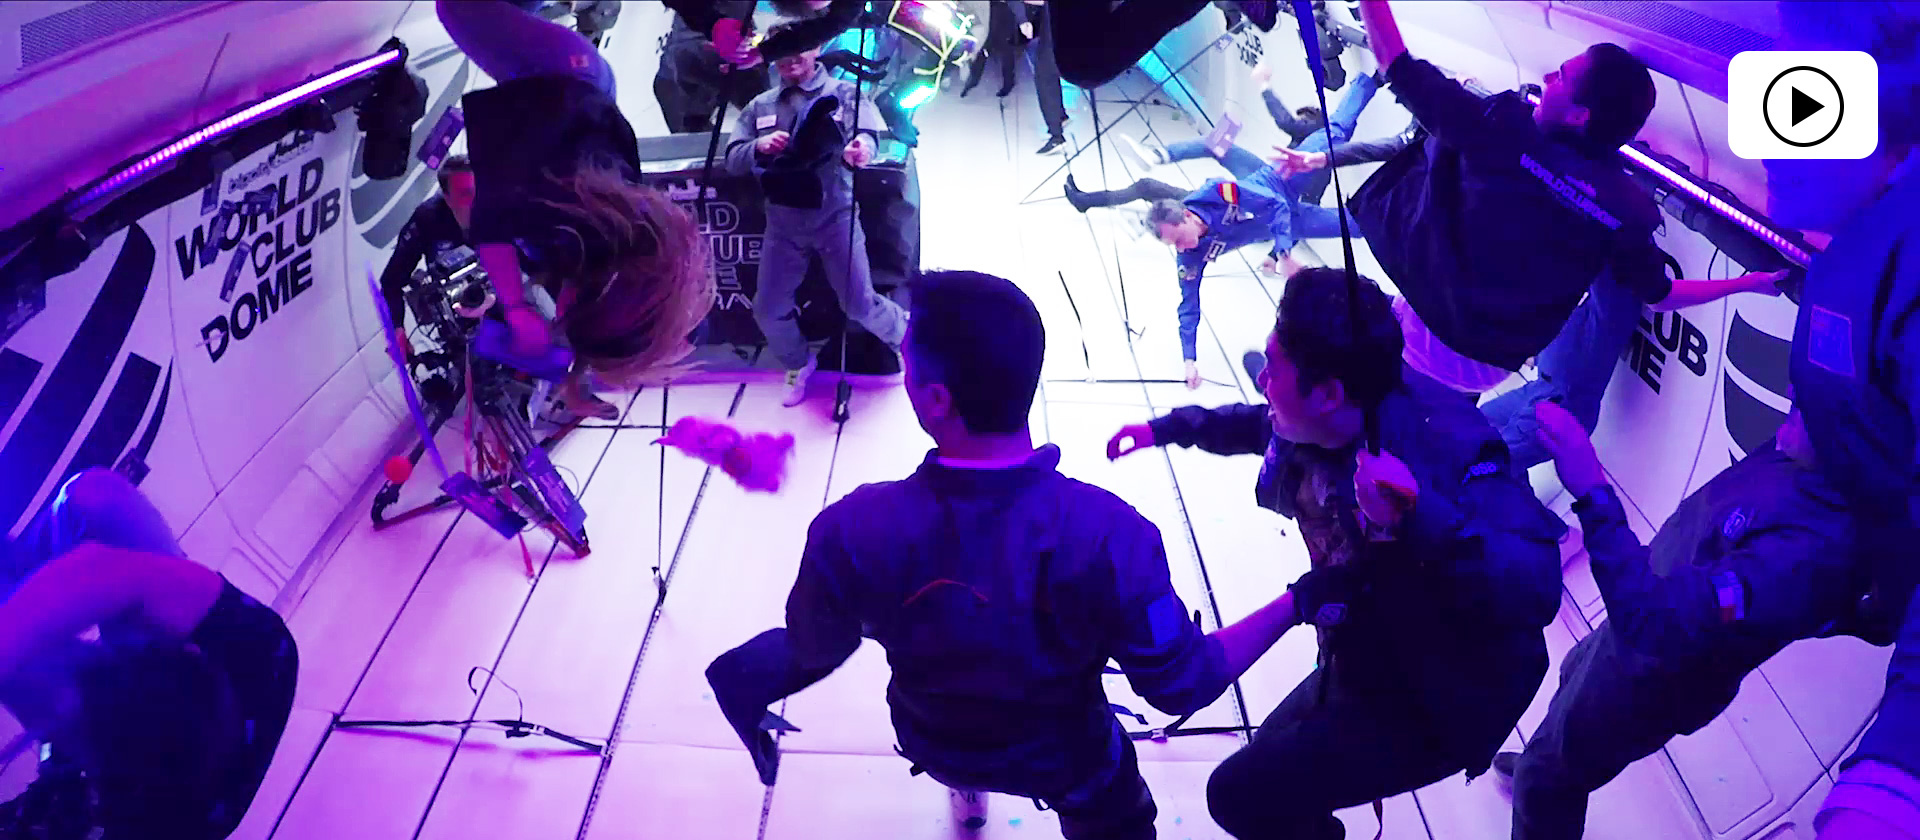 Schwebende Tänzer im Disko-Licht